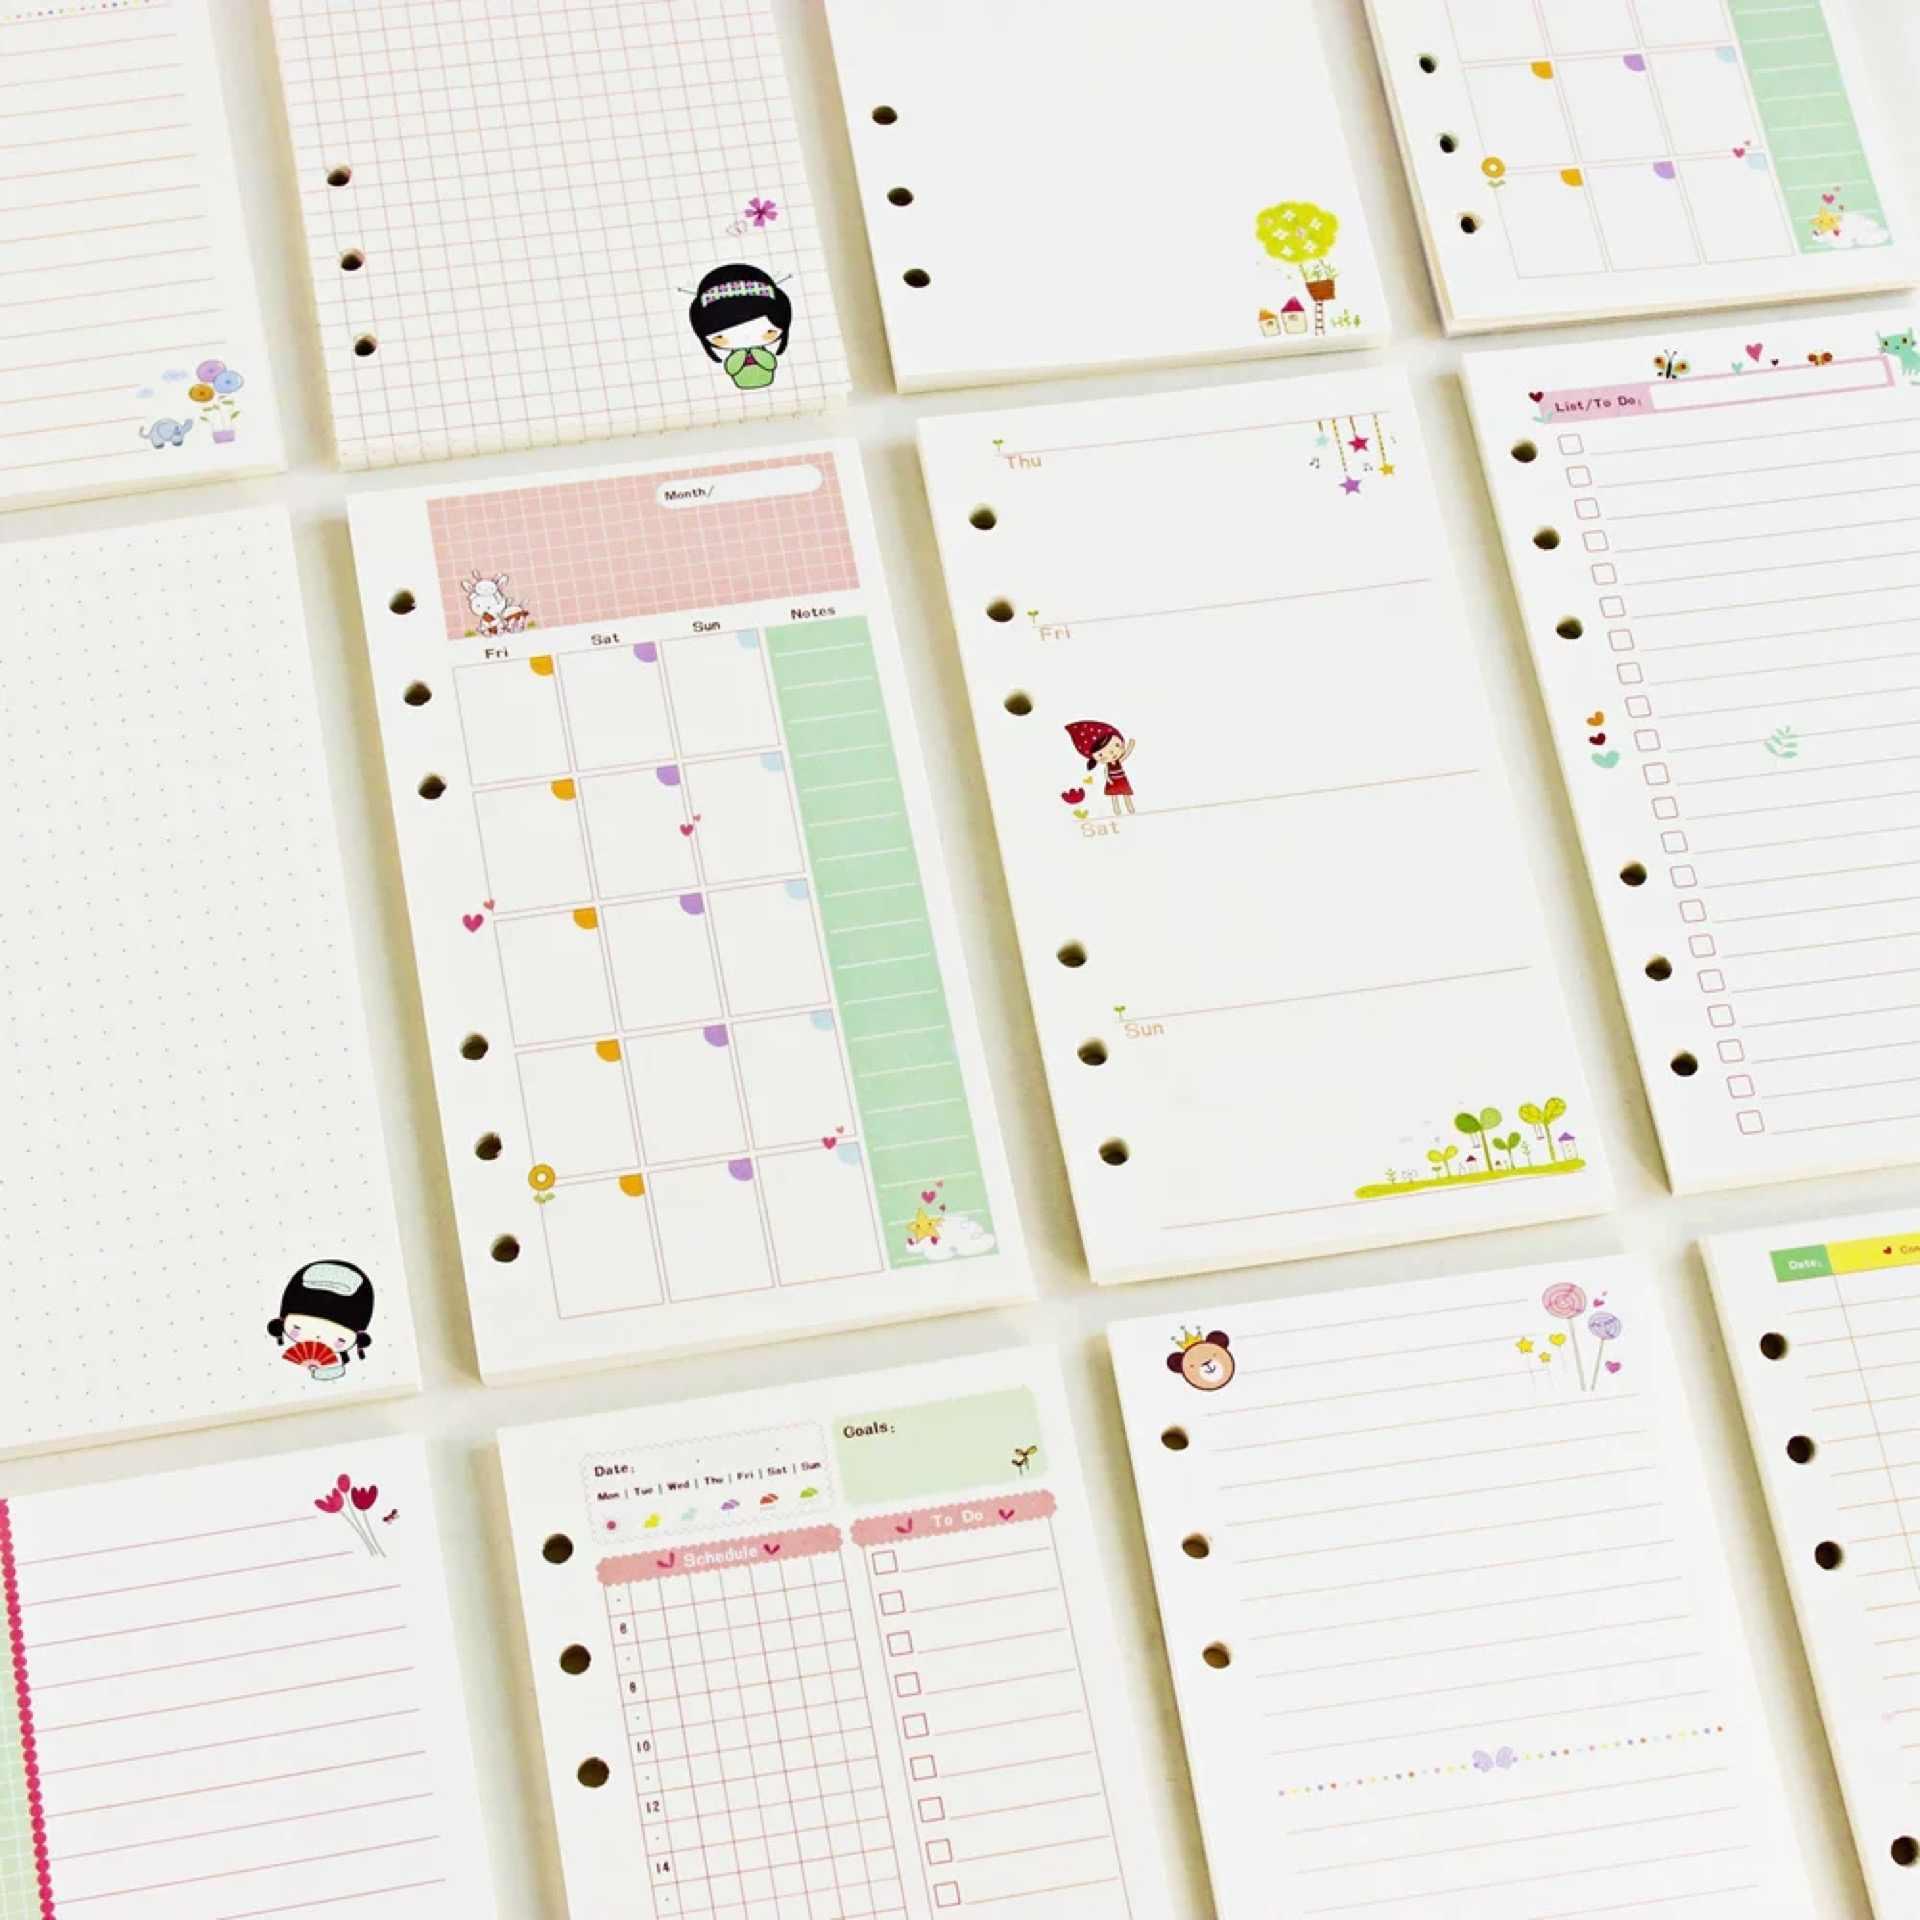 harphia A5/A6/Notebook Refills Innen Papier Colorful Loose Leaf Spirale Notebook Refill Innen Seite T/äglich W/öchentlich Monatlich zu tun Cornell Finanzen A5 Weekly plan.